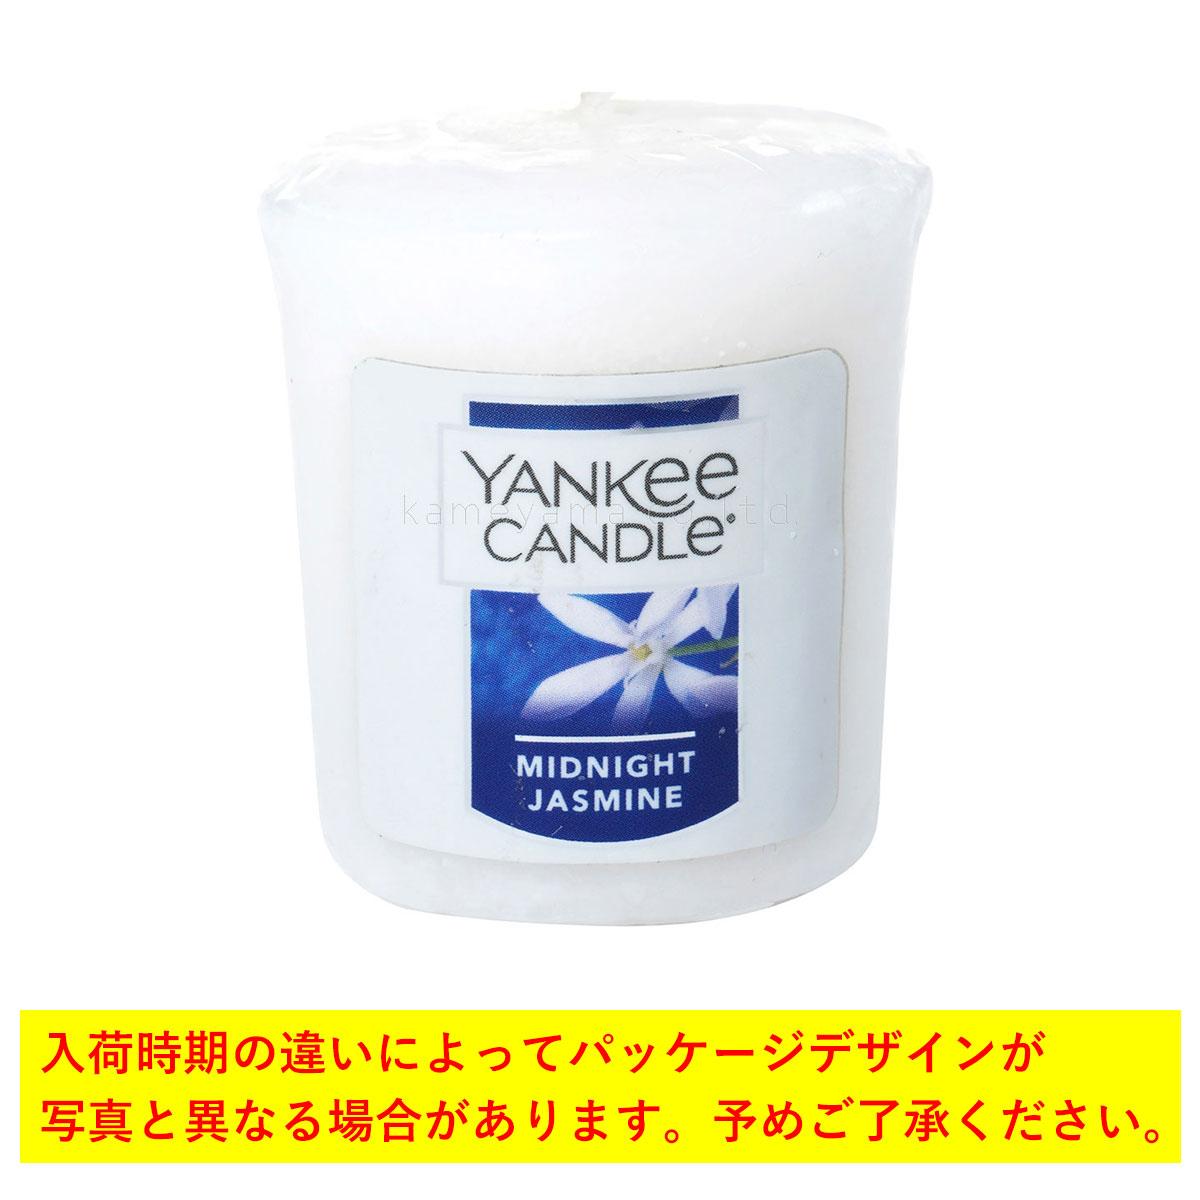 ヤンキーキャンドル YANKEE CANDLE 正規販売店 キャンドル YCサンプラー ミッドナイトジャスミン (K0010569) A49B B3C C3D D0E E00F